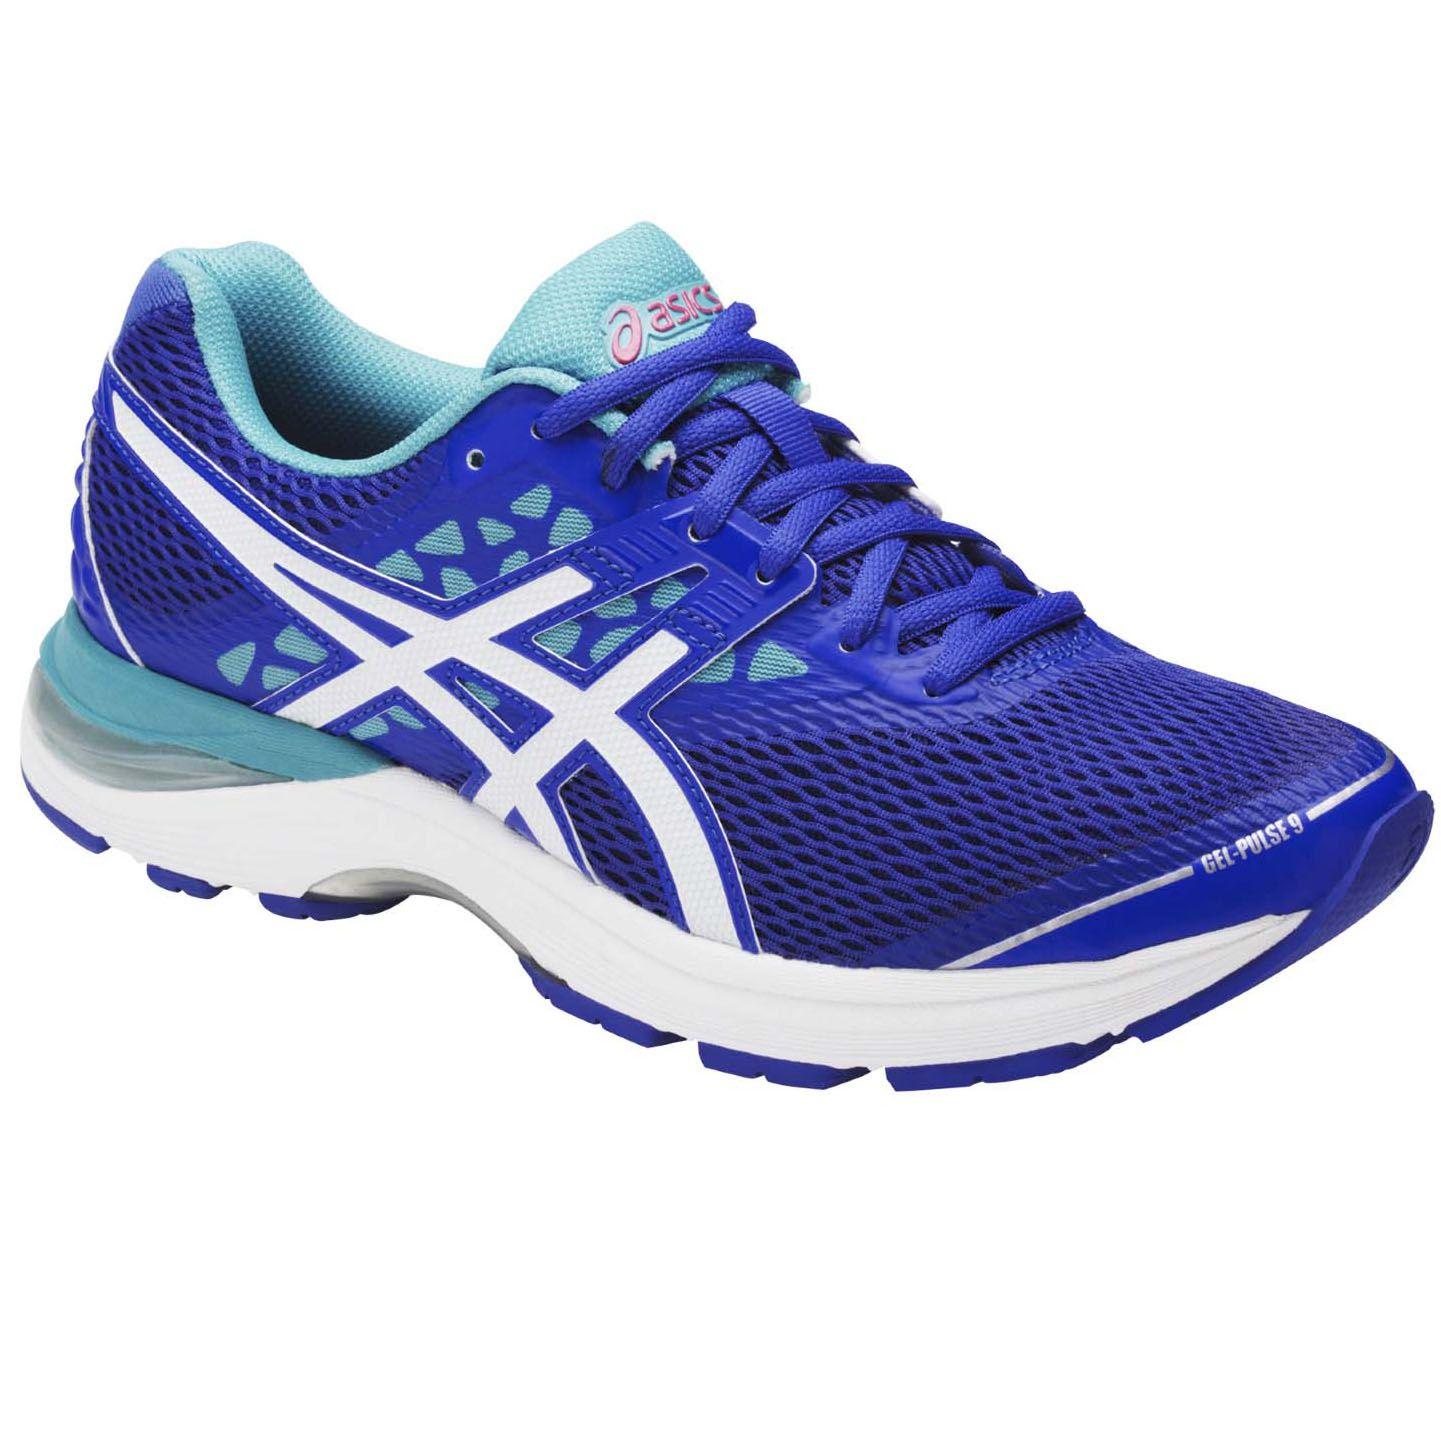 Asics Womens Lightweight Running Shoes